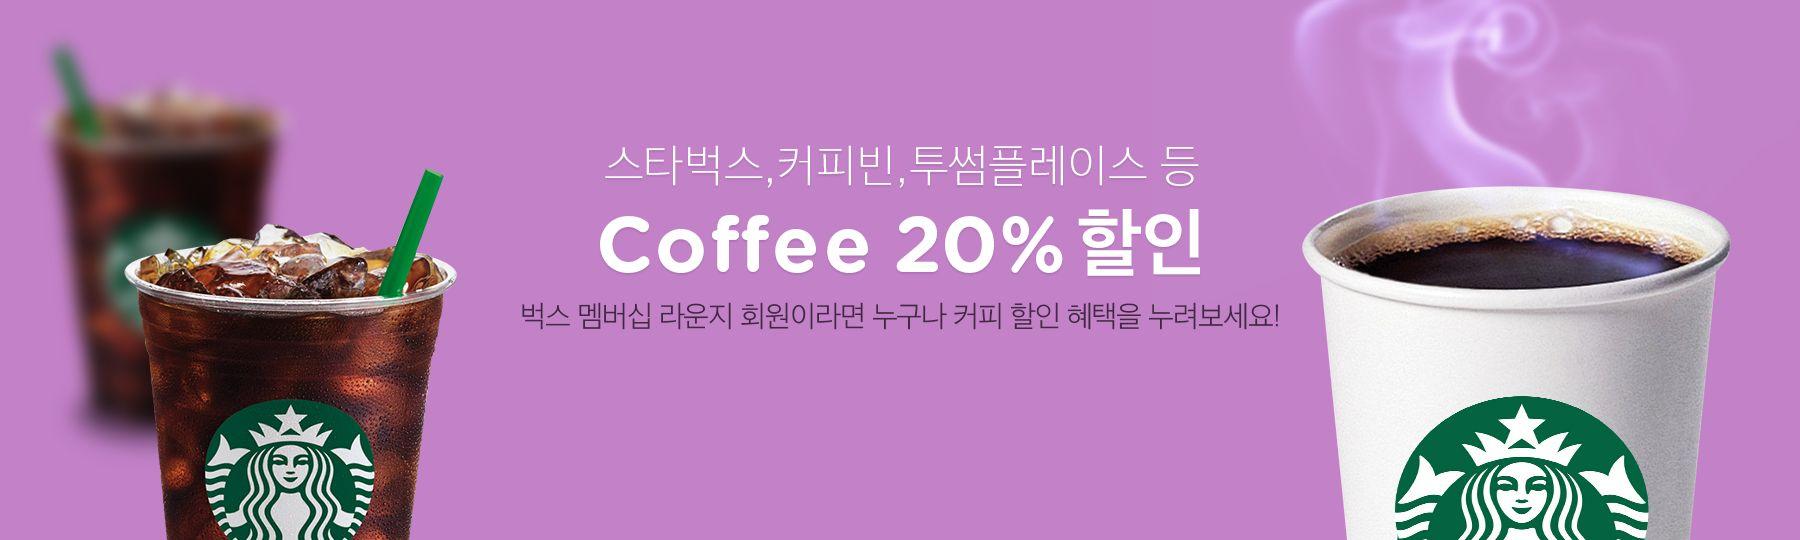 커피 20% 상시할인